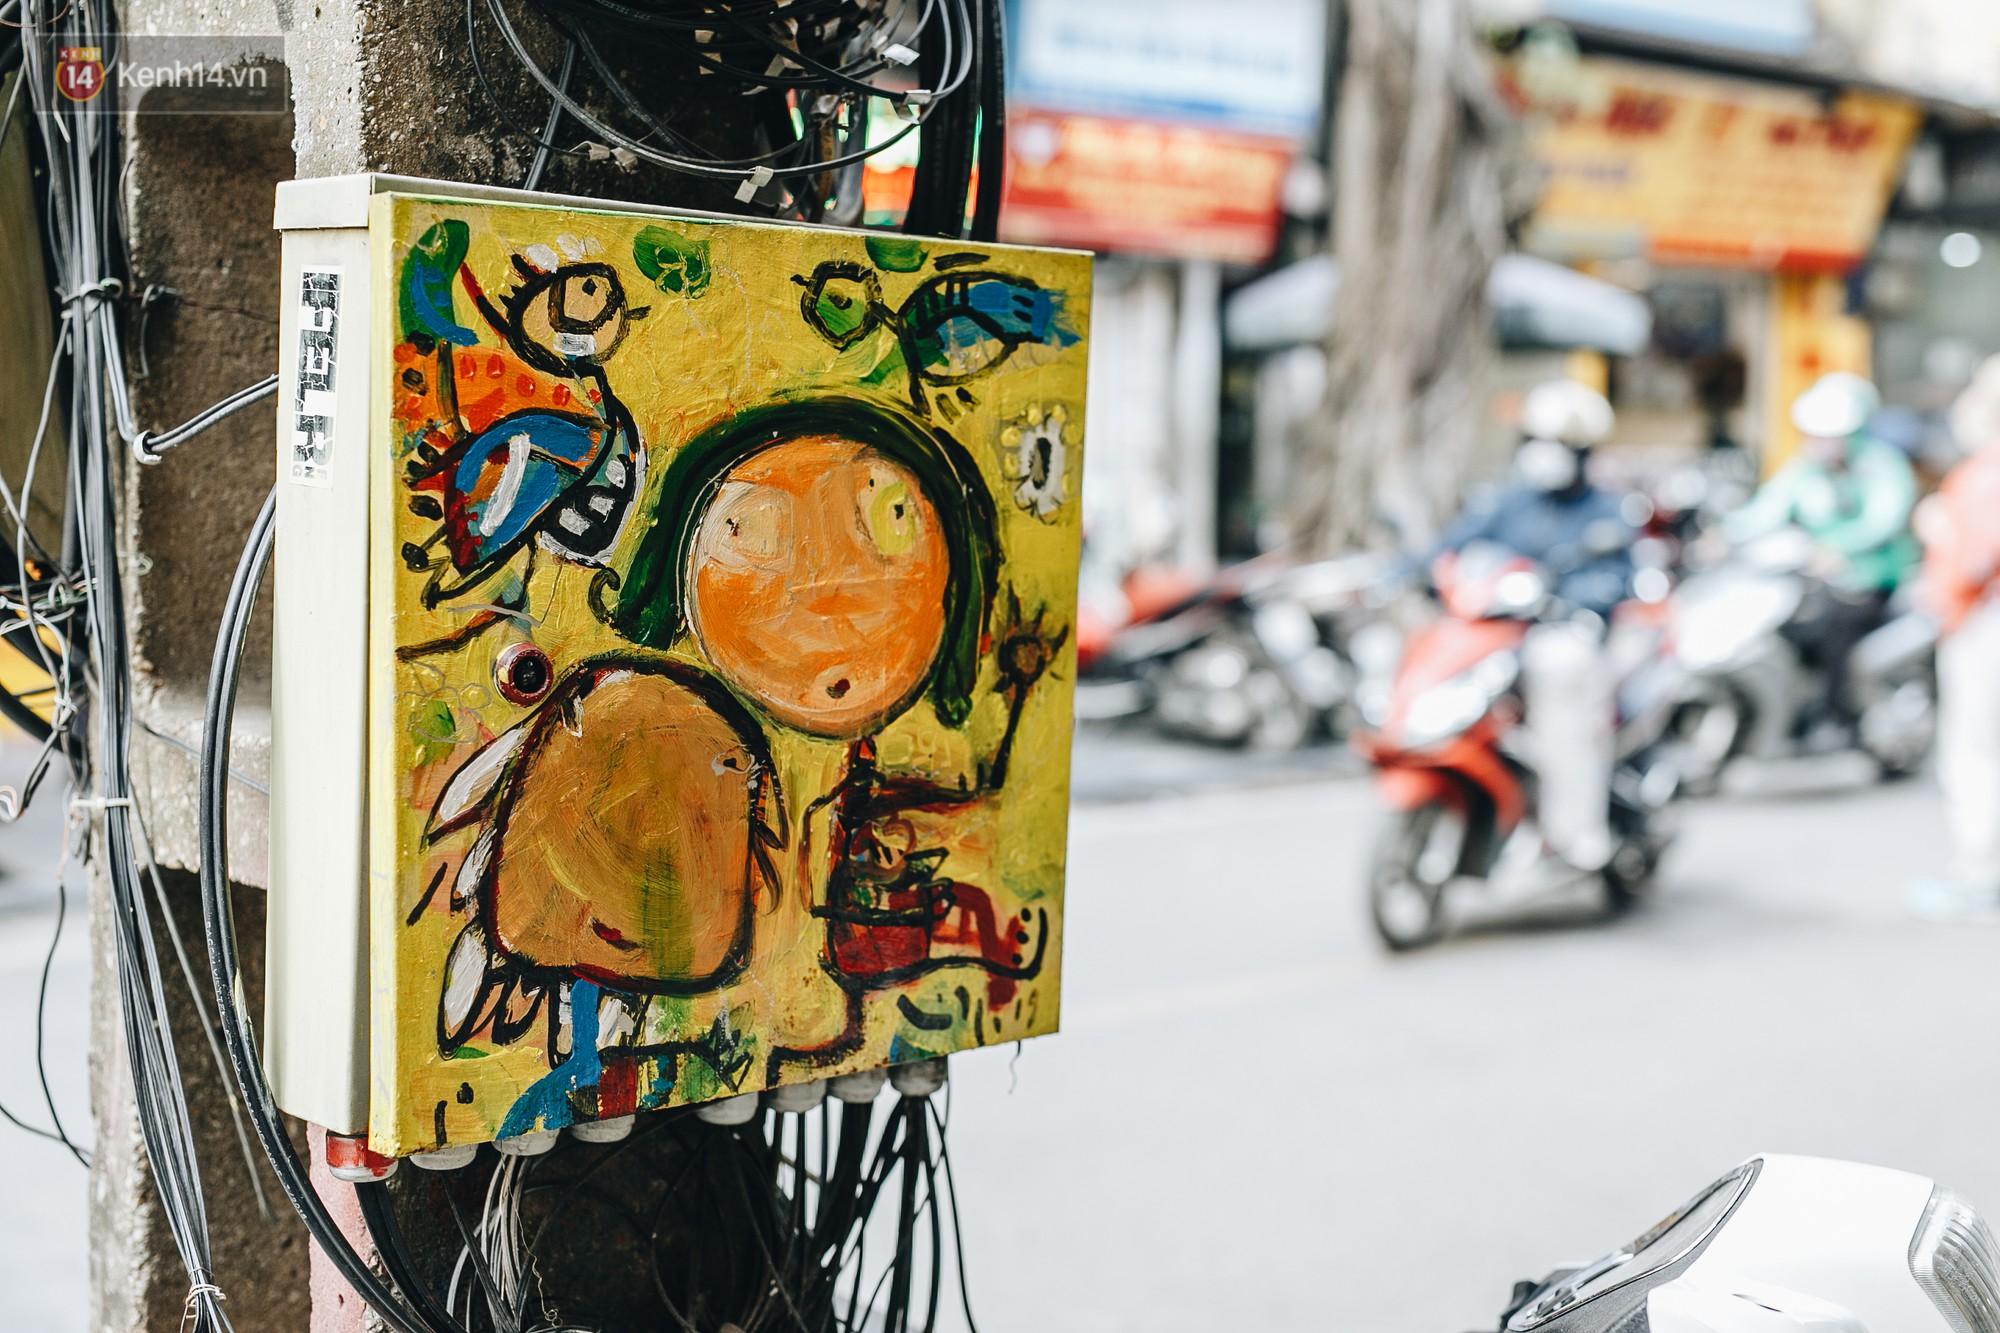 Ngộ nghĩnh và đáng yêu với những bức tranh được vẽ lên các hộp điện cũ kỹ ở phố cổ Hà Nội, tác giả là một gương mặt lạ mà quen - Ảnh 8.